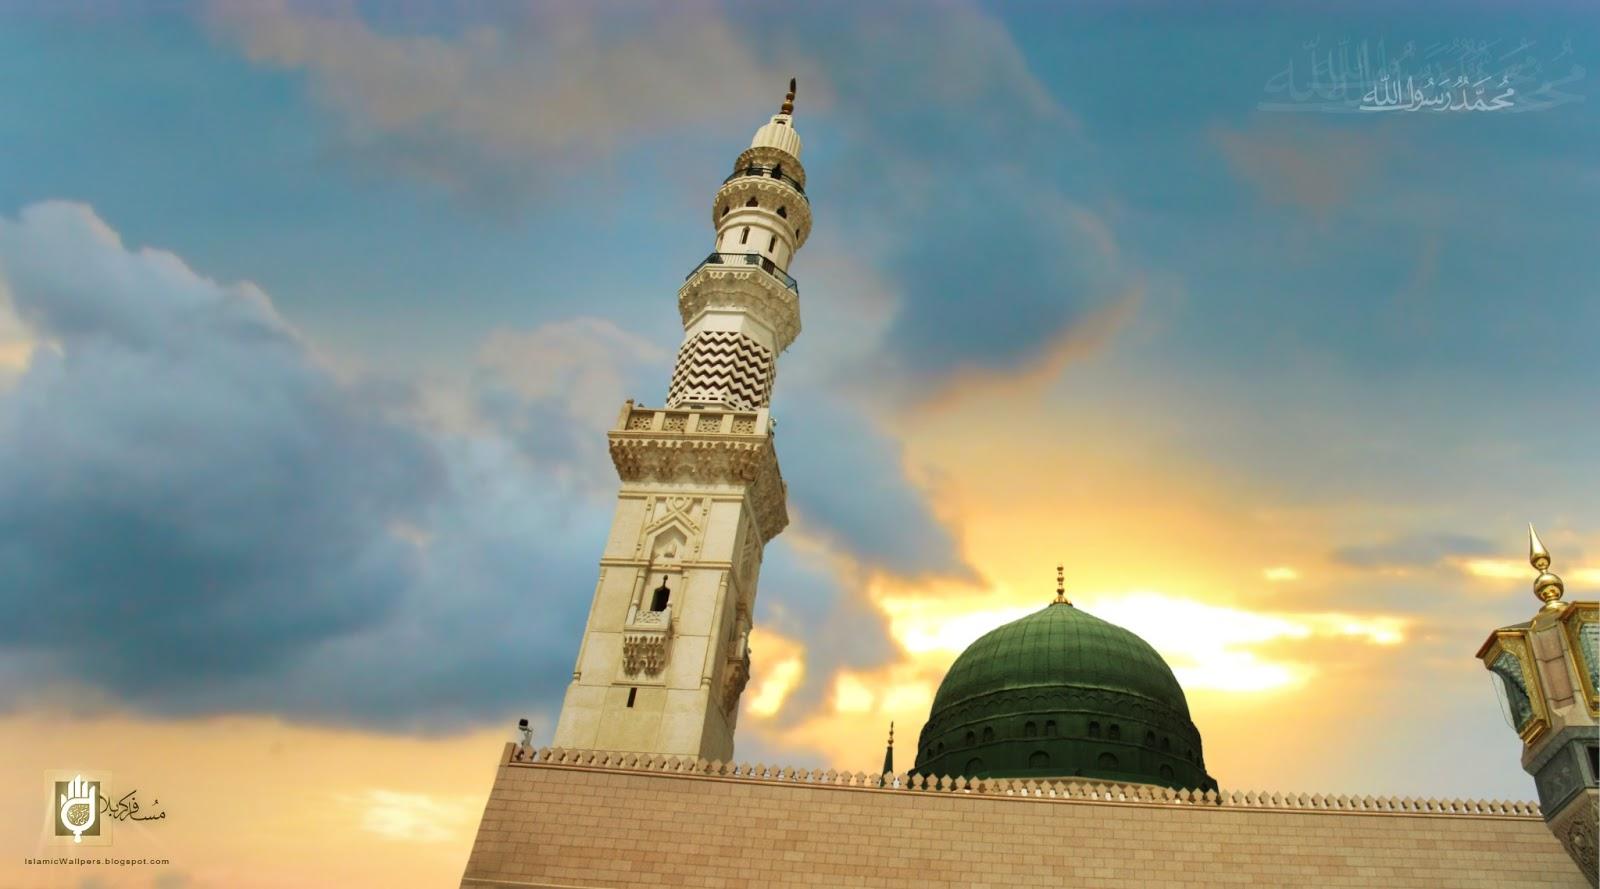 http://2.bp.blogspot.com/-fpwJNYeLkhc/USu4zzwIuwI/AAAAAAAAH1U/MI0rgxJPDC8/s1600/the_madina_masjid_wallpaper.jpg